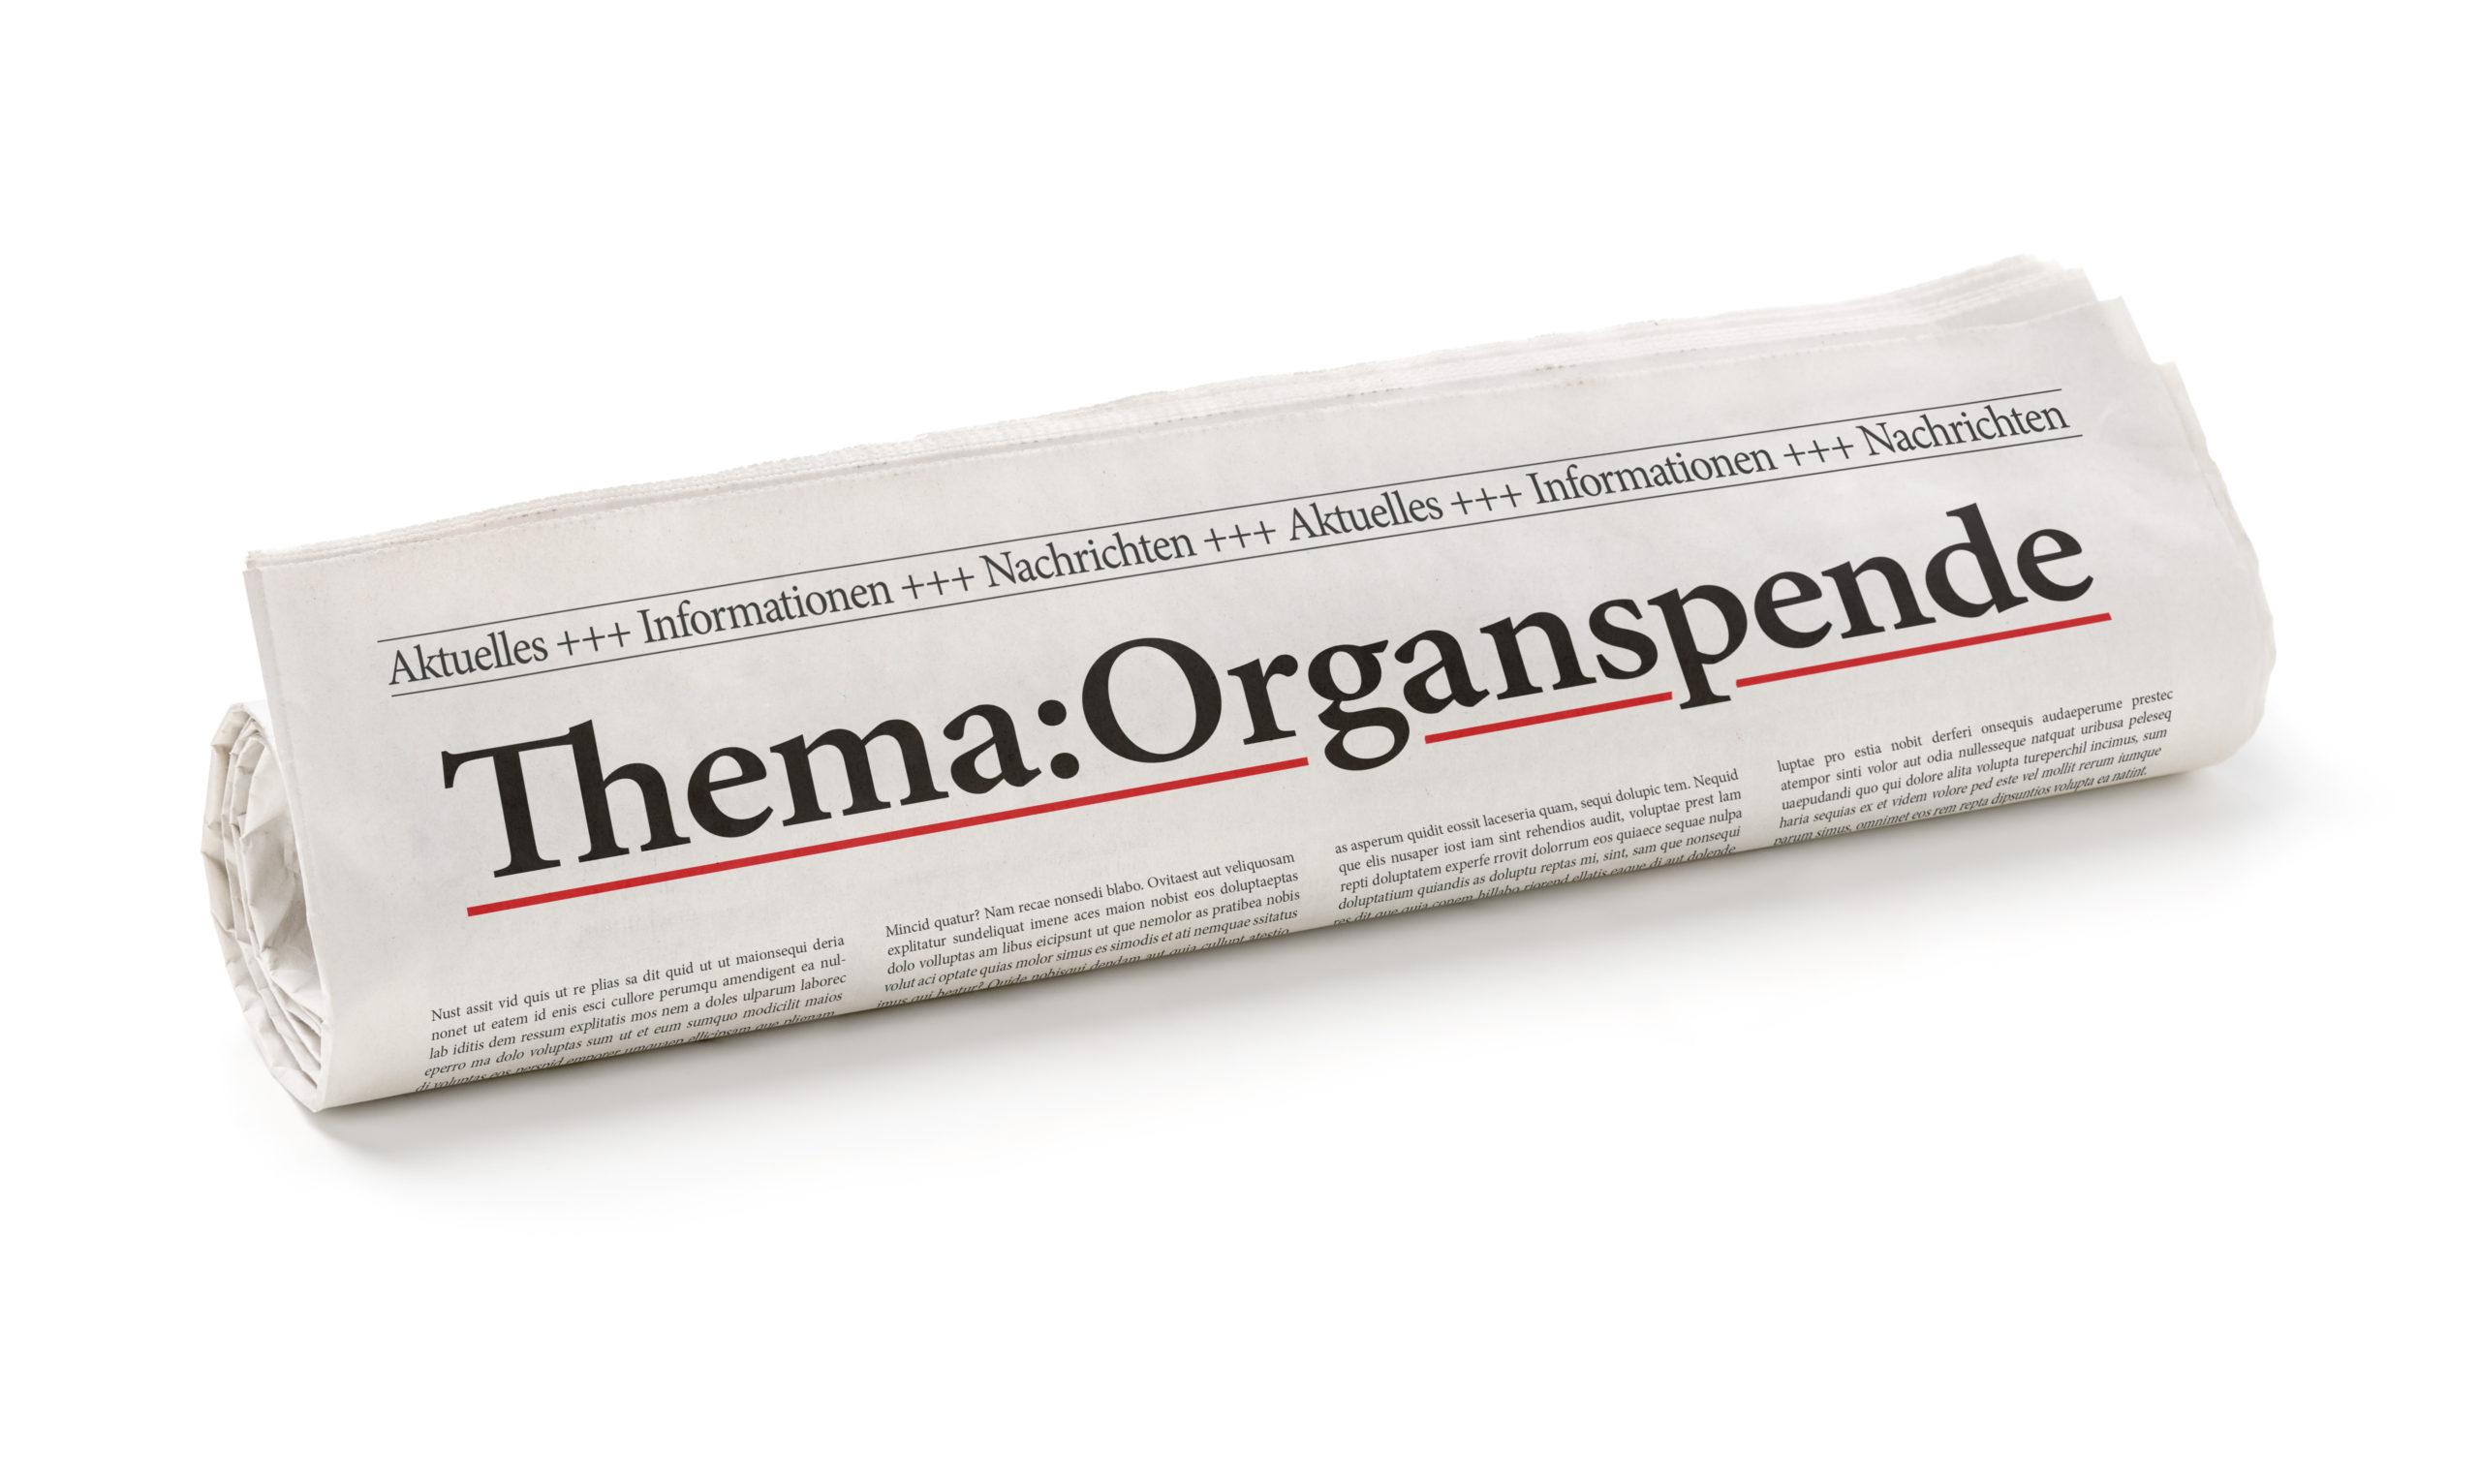 Aktuelles zur Gesetzgebung der Organspende